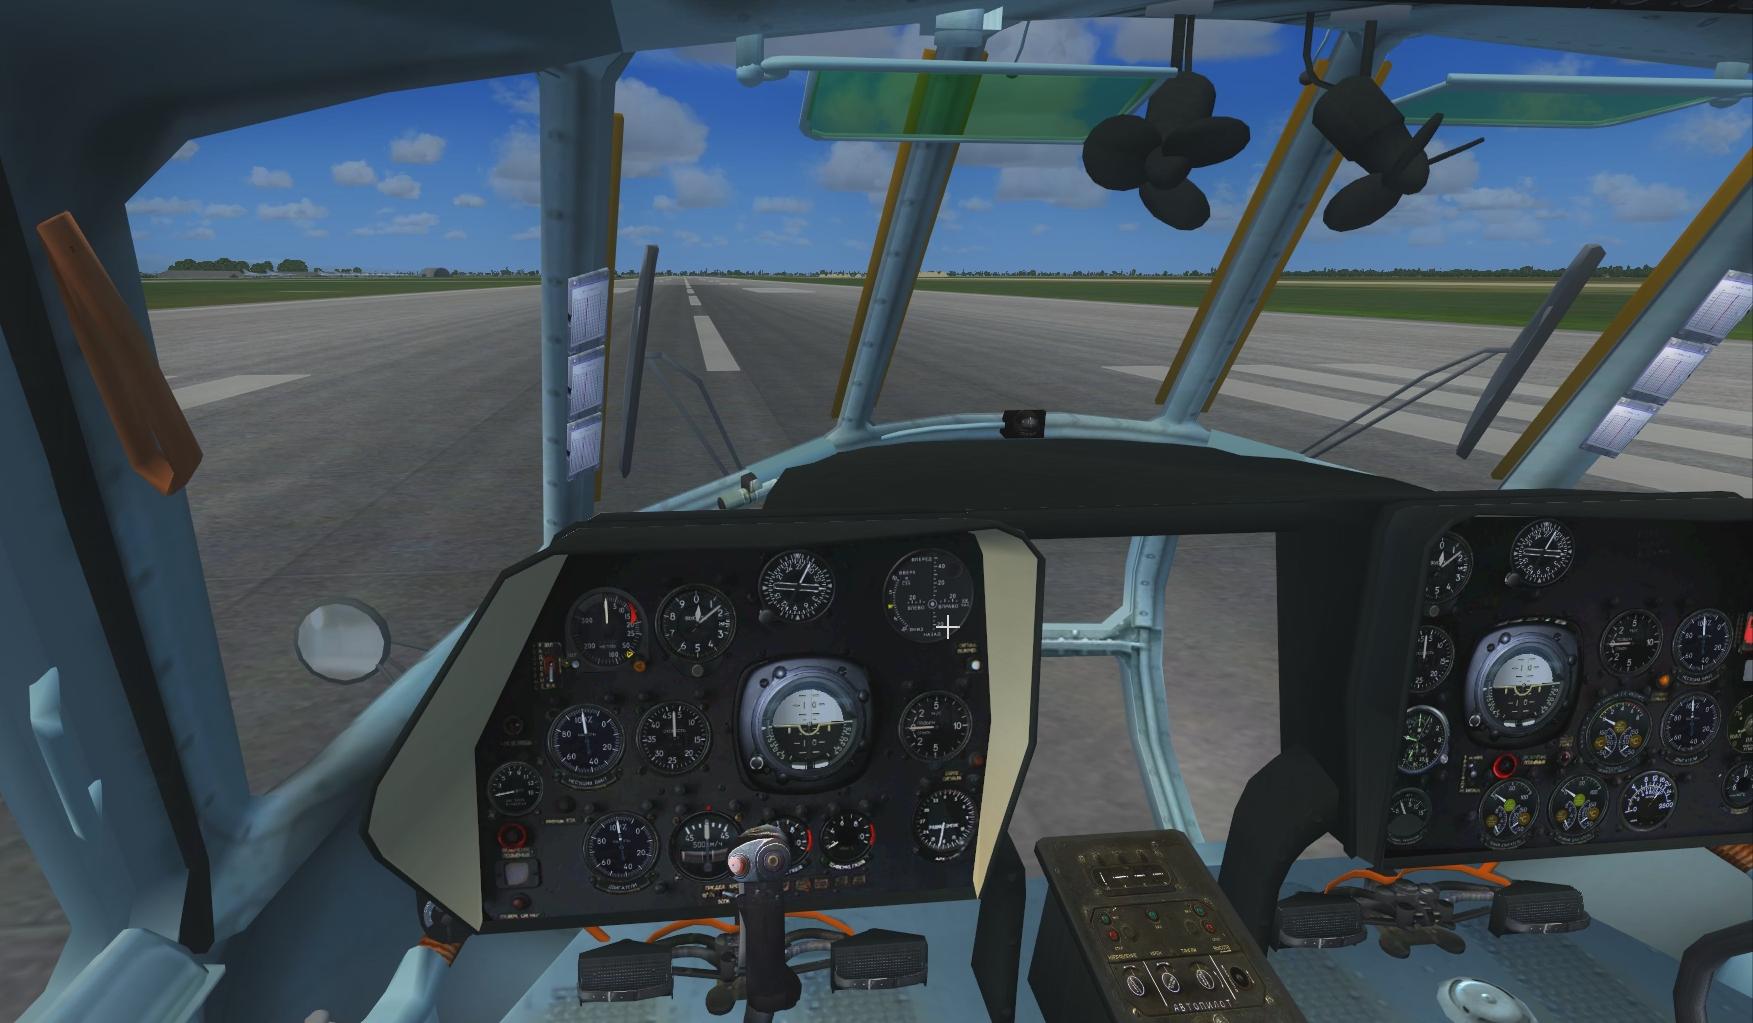 MI-8 PAC Microsoft Flight Simulator X (FSX) MOD